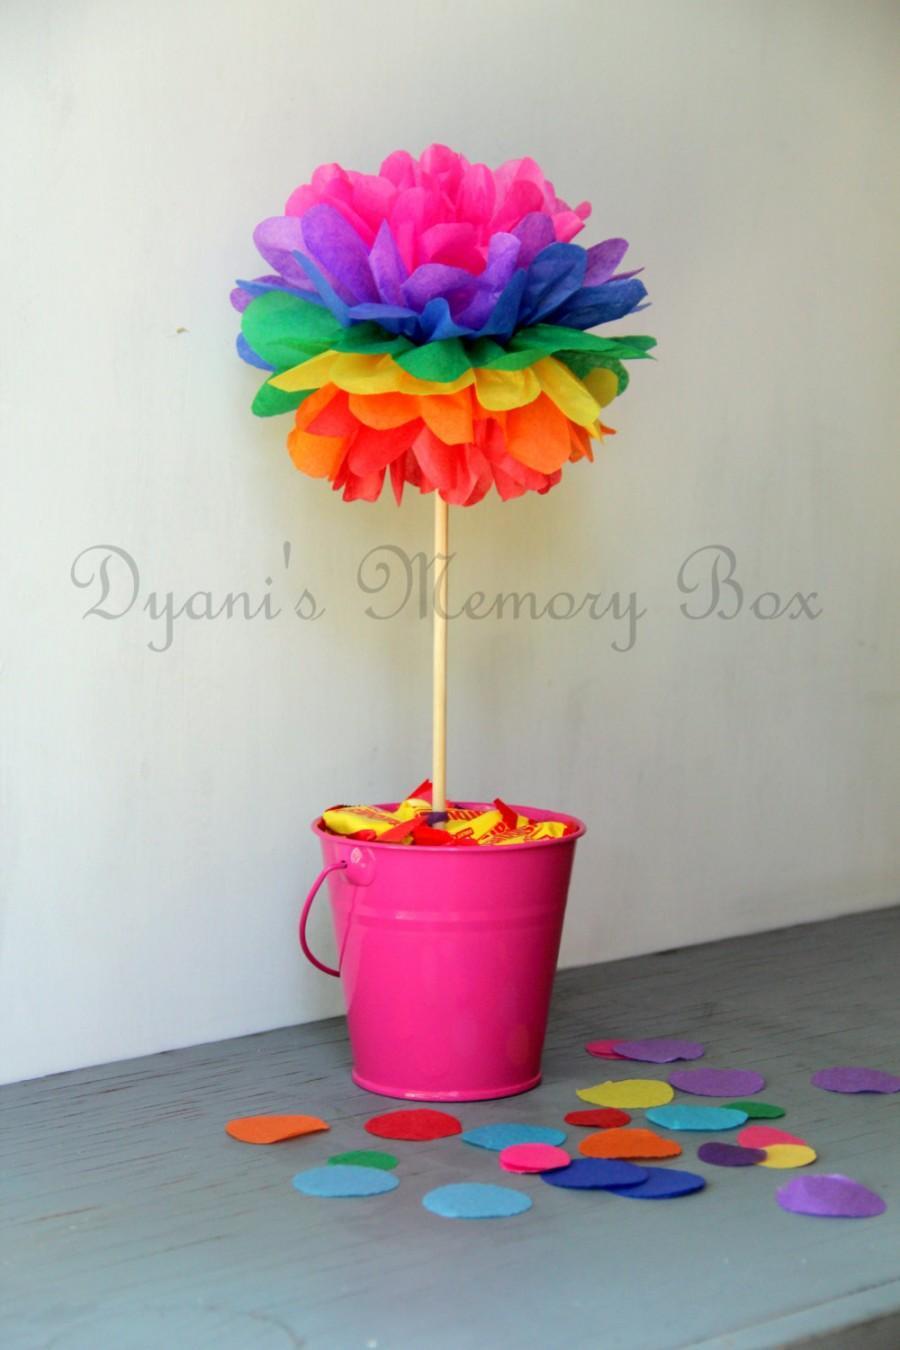 Свадьба - Rainbow Tissue Paper Pom Poms with Wood Dowel / Wedding Poms / Birthday Decor